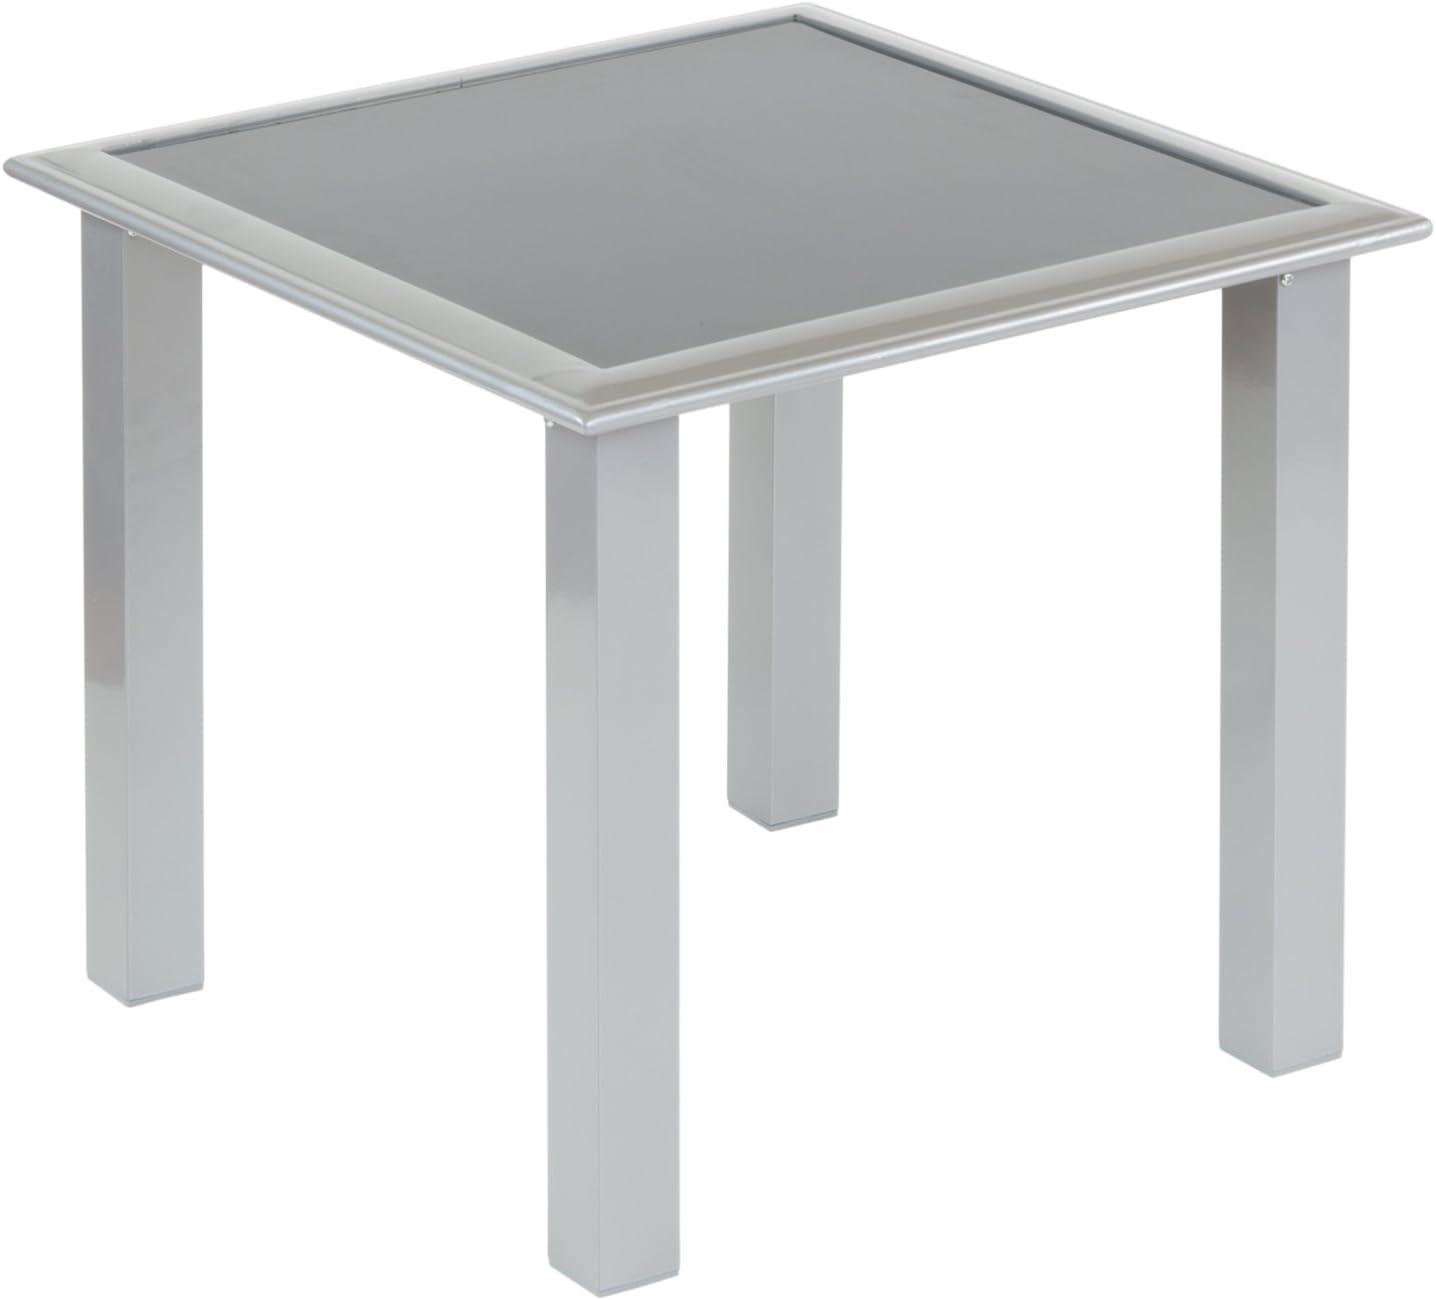 Tumbona Juego Bonaire con 2 baldas + 1 mesa (Cristal) de aluminio y resistente plástico: Amazon.es: Jardín